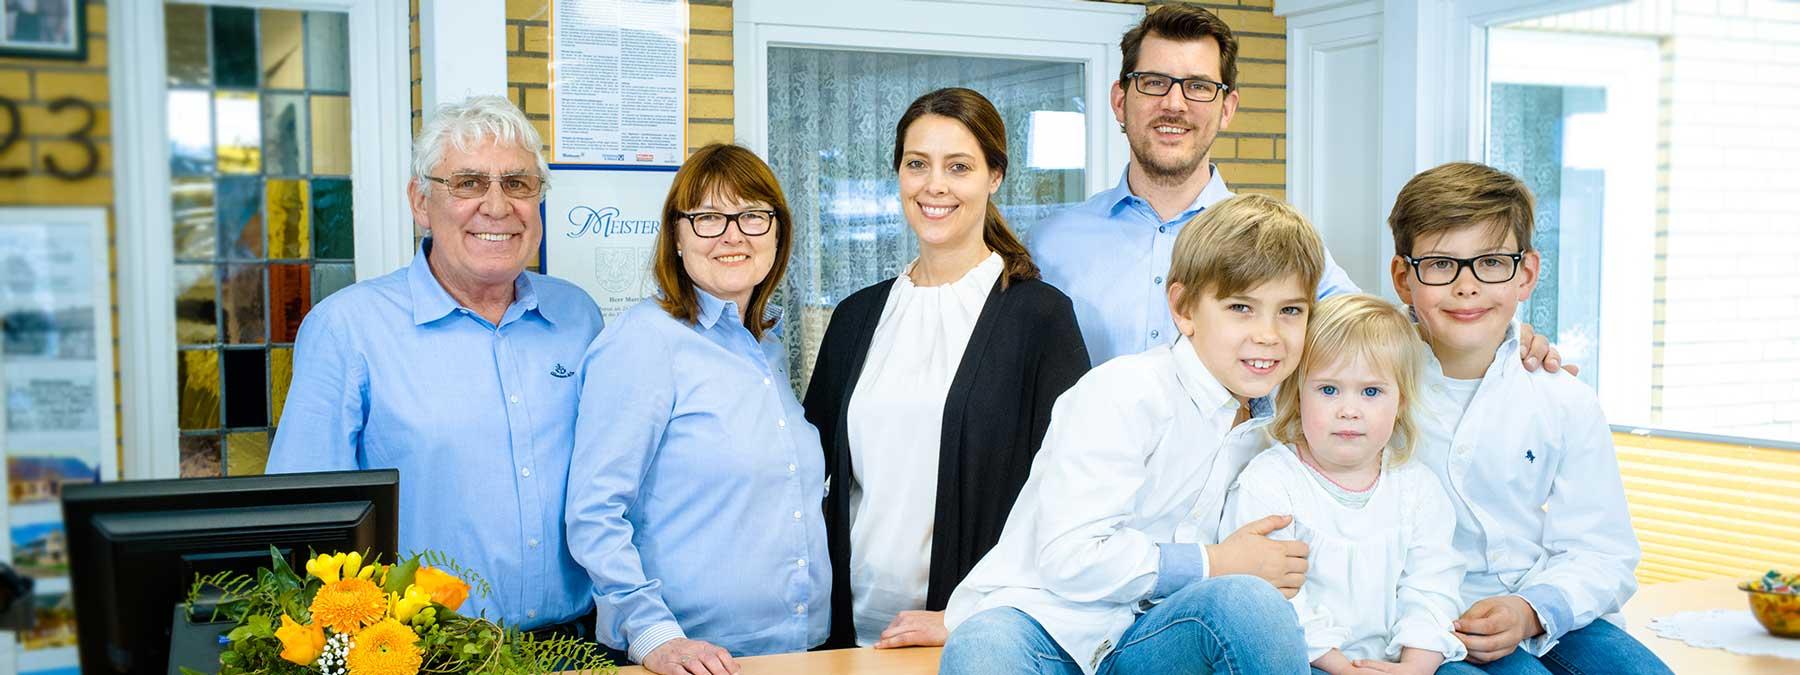 Wäscherei Röder Familienunternehmen